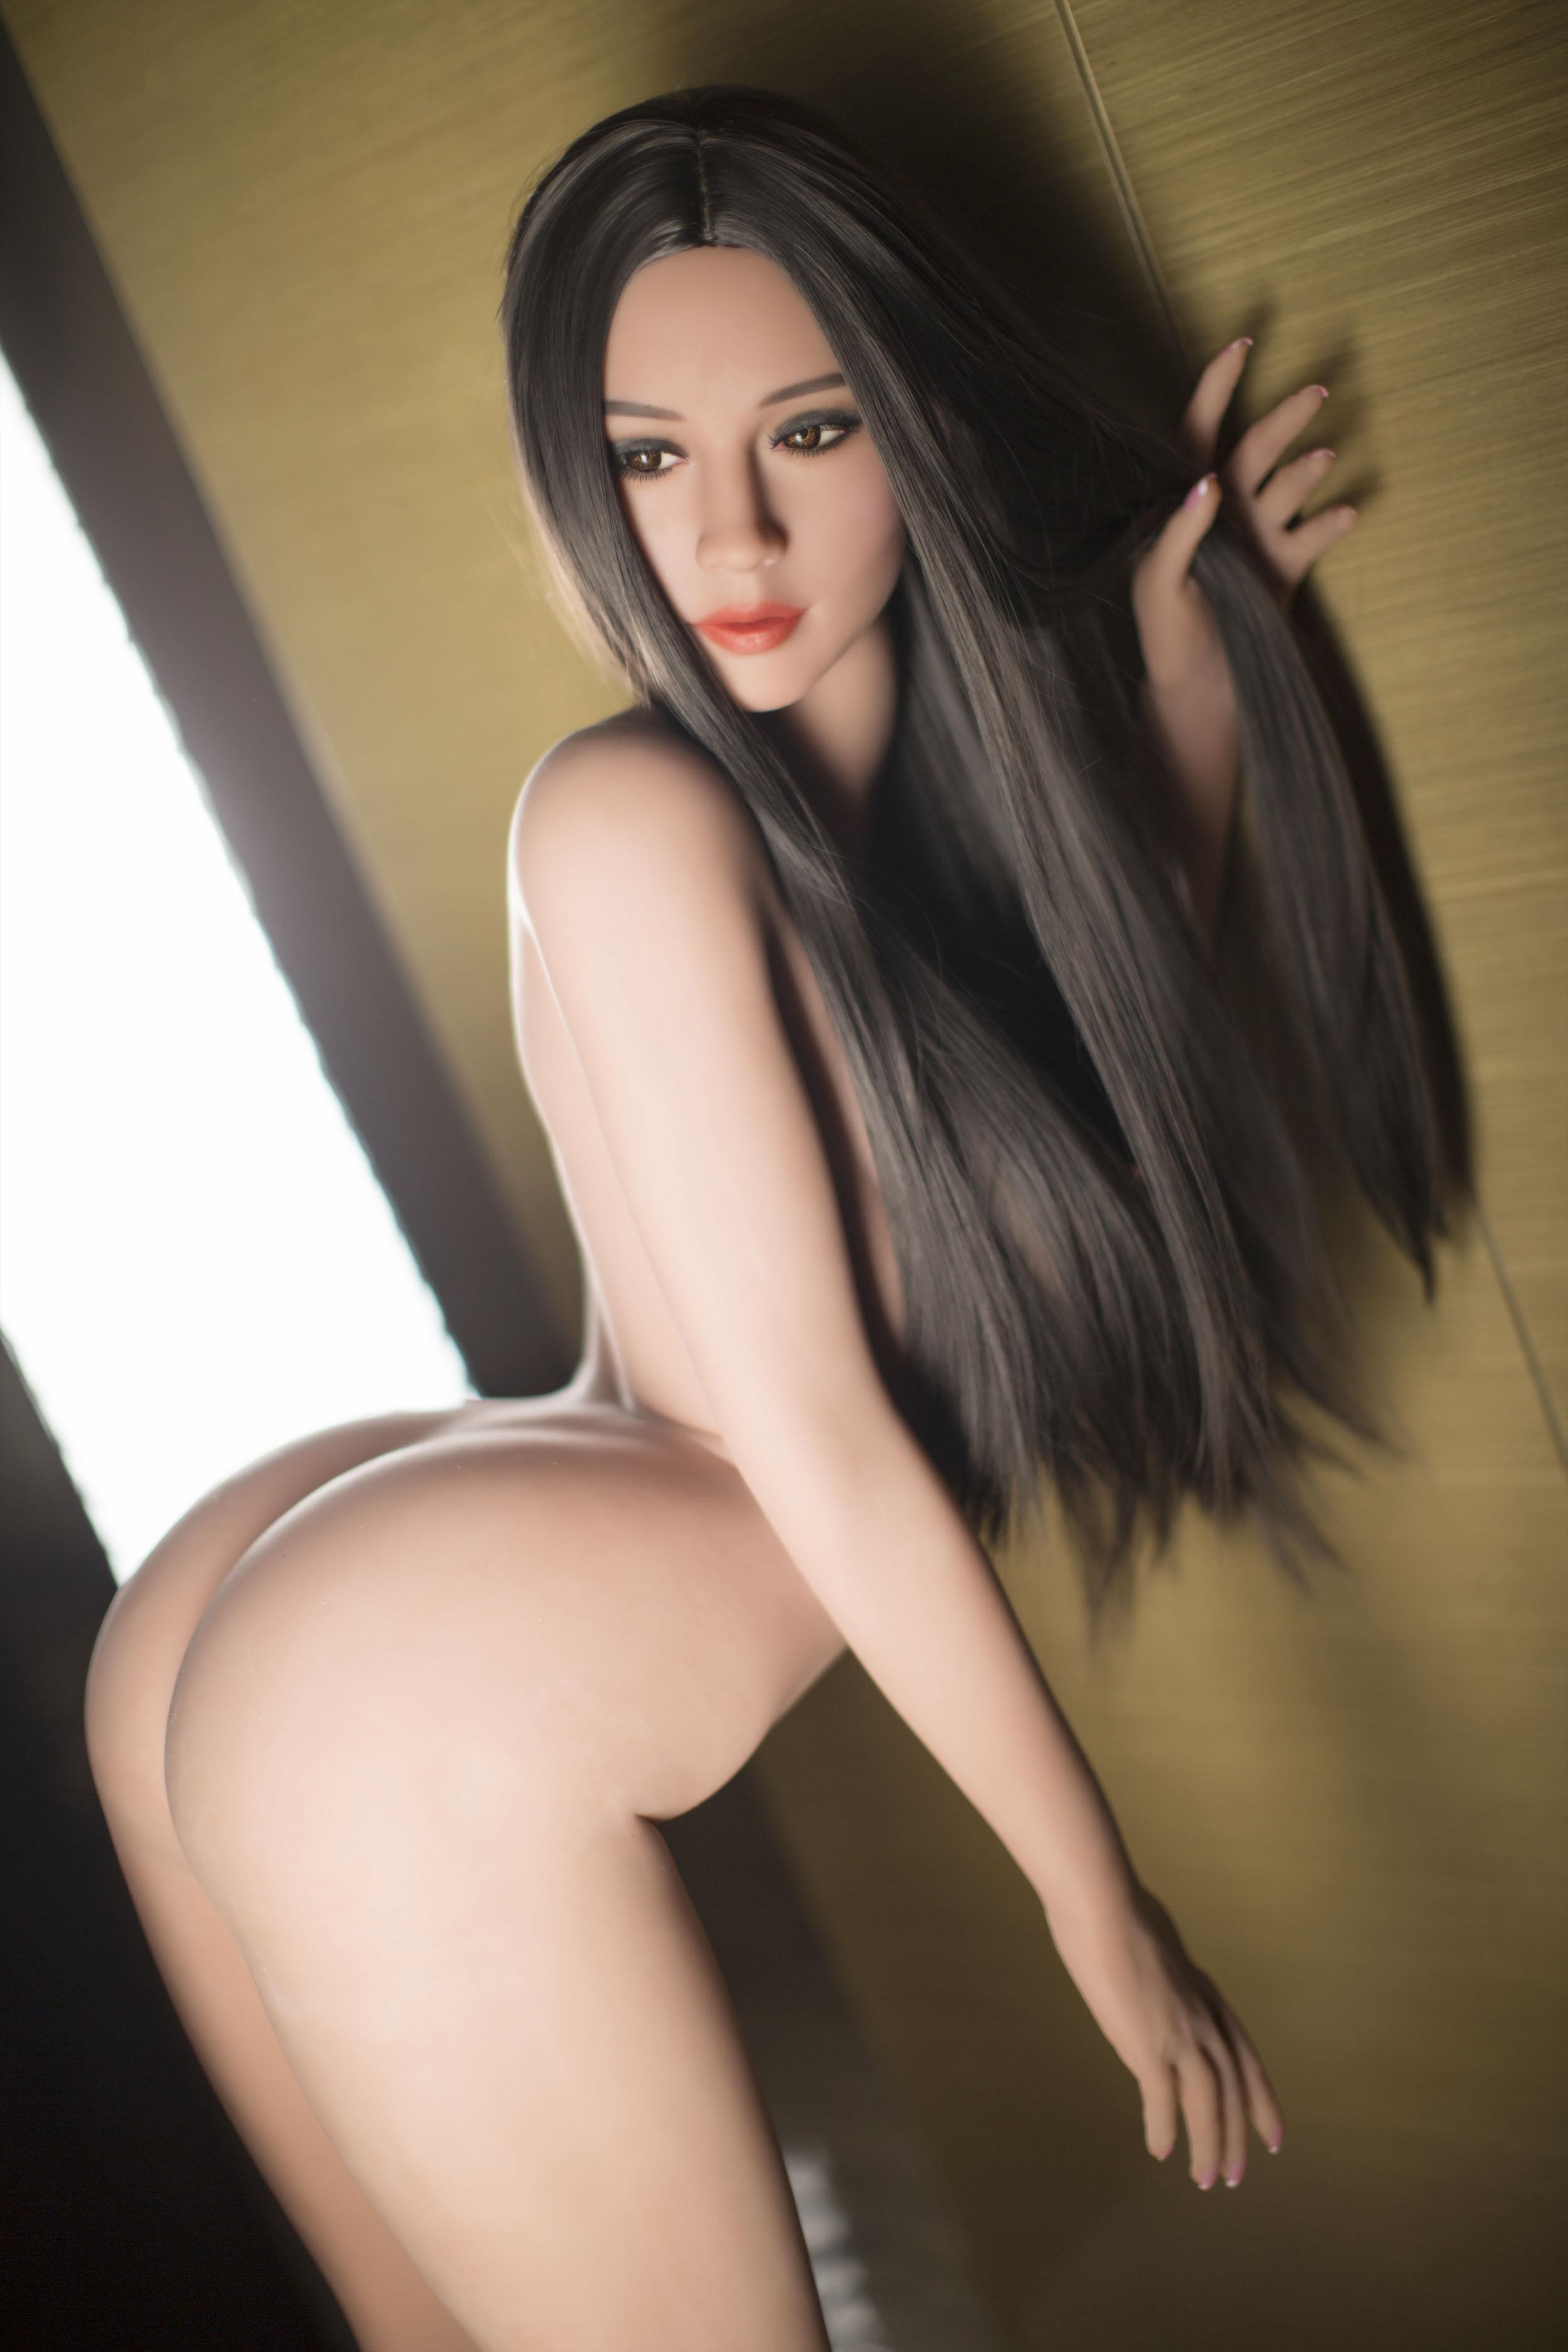 Oral sex doll